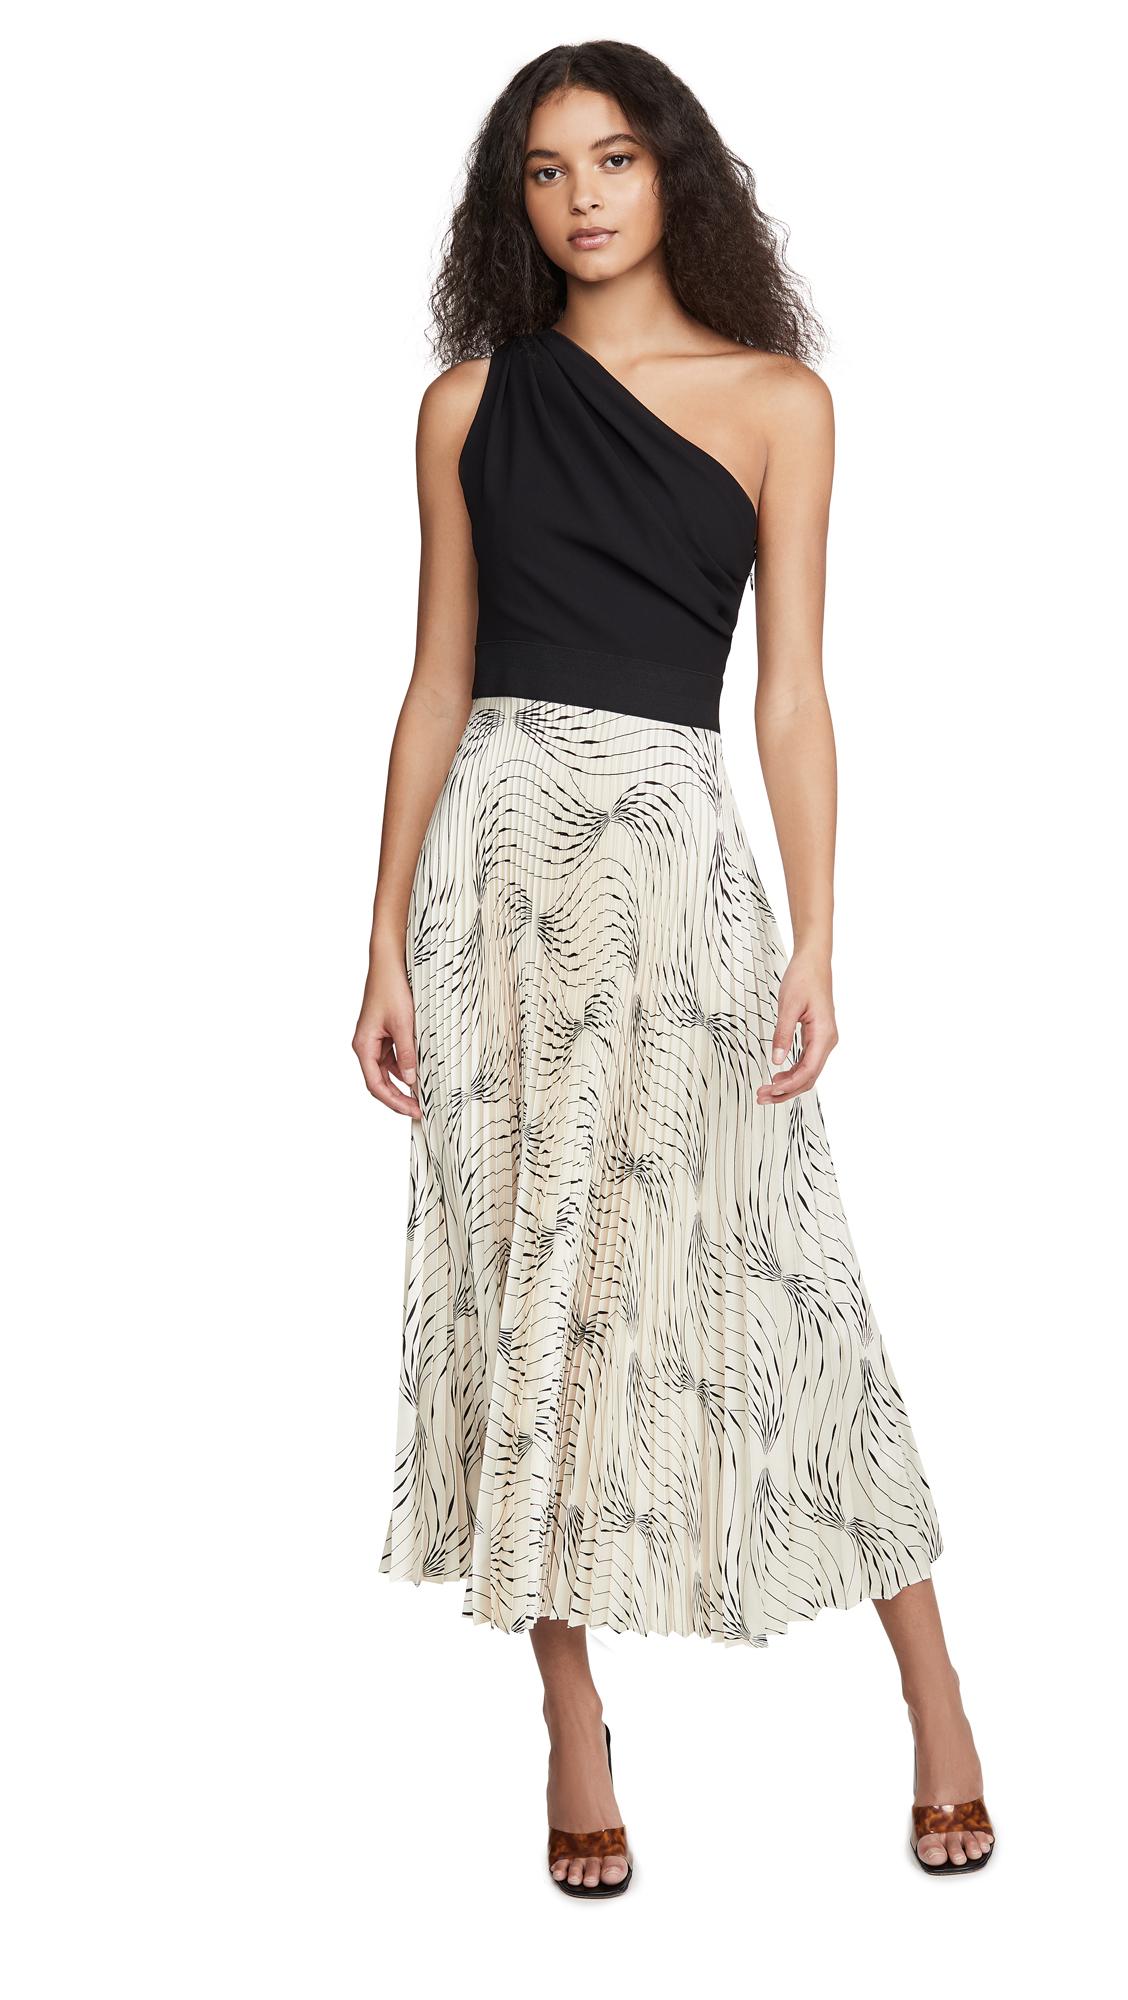 Victoria Victoria Beckham Off Shoulder Backless Dress - 30% Off Sale